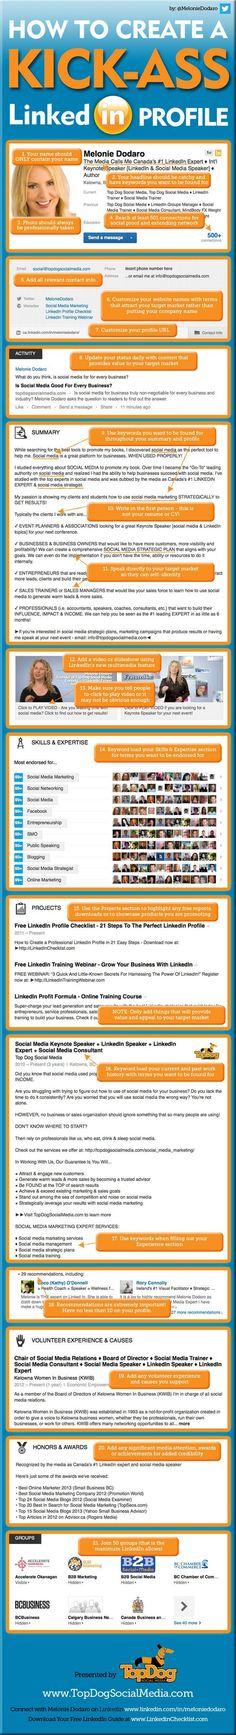 21 steps to create an awesome LinkedIn profile.